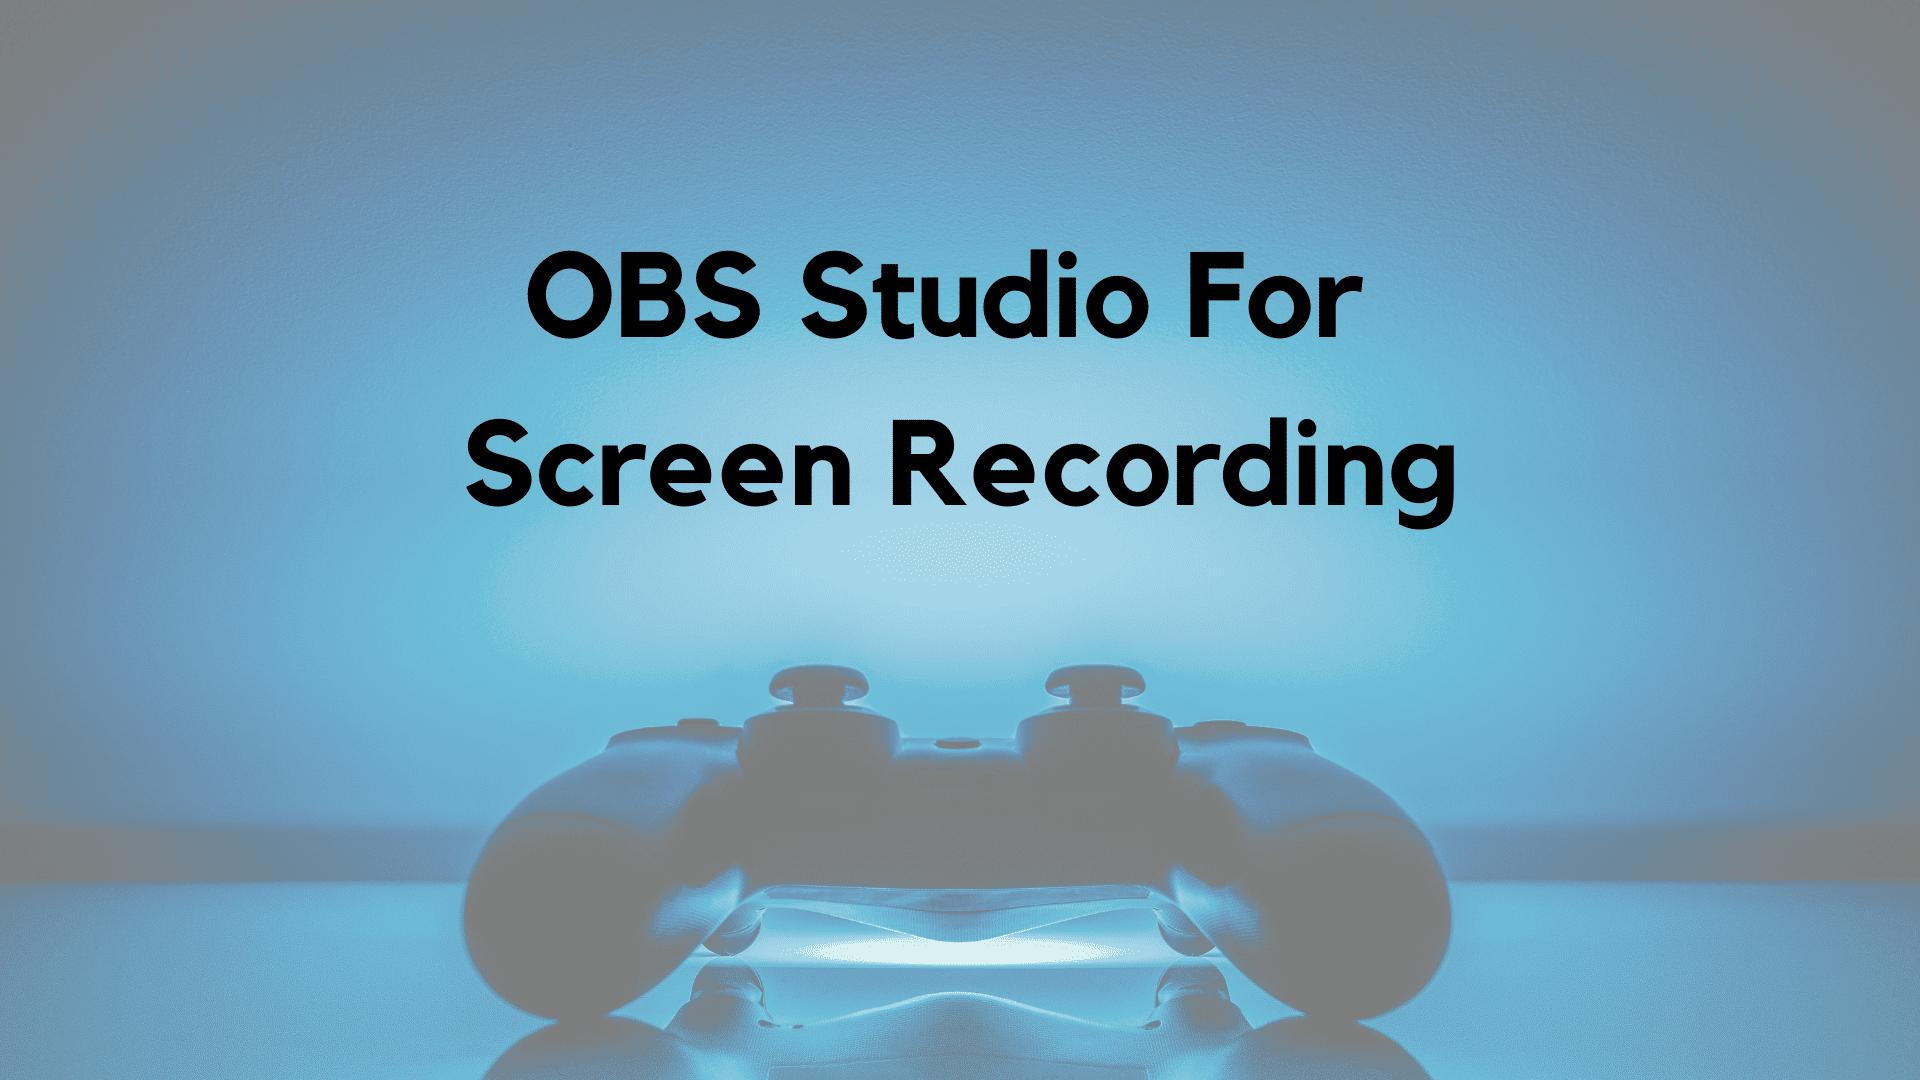 obs-studio-for-screen-recording